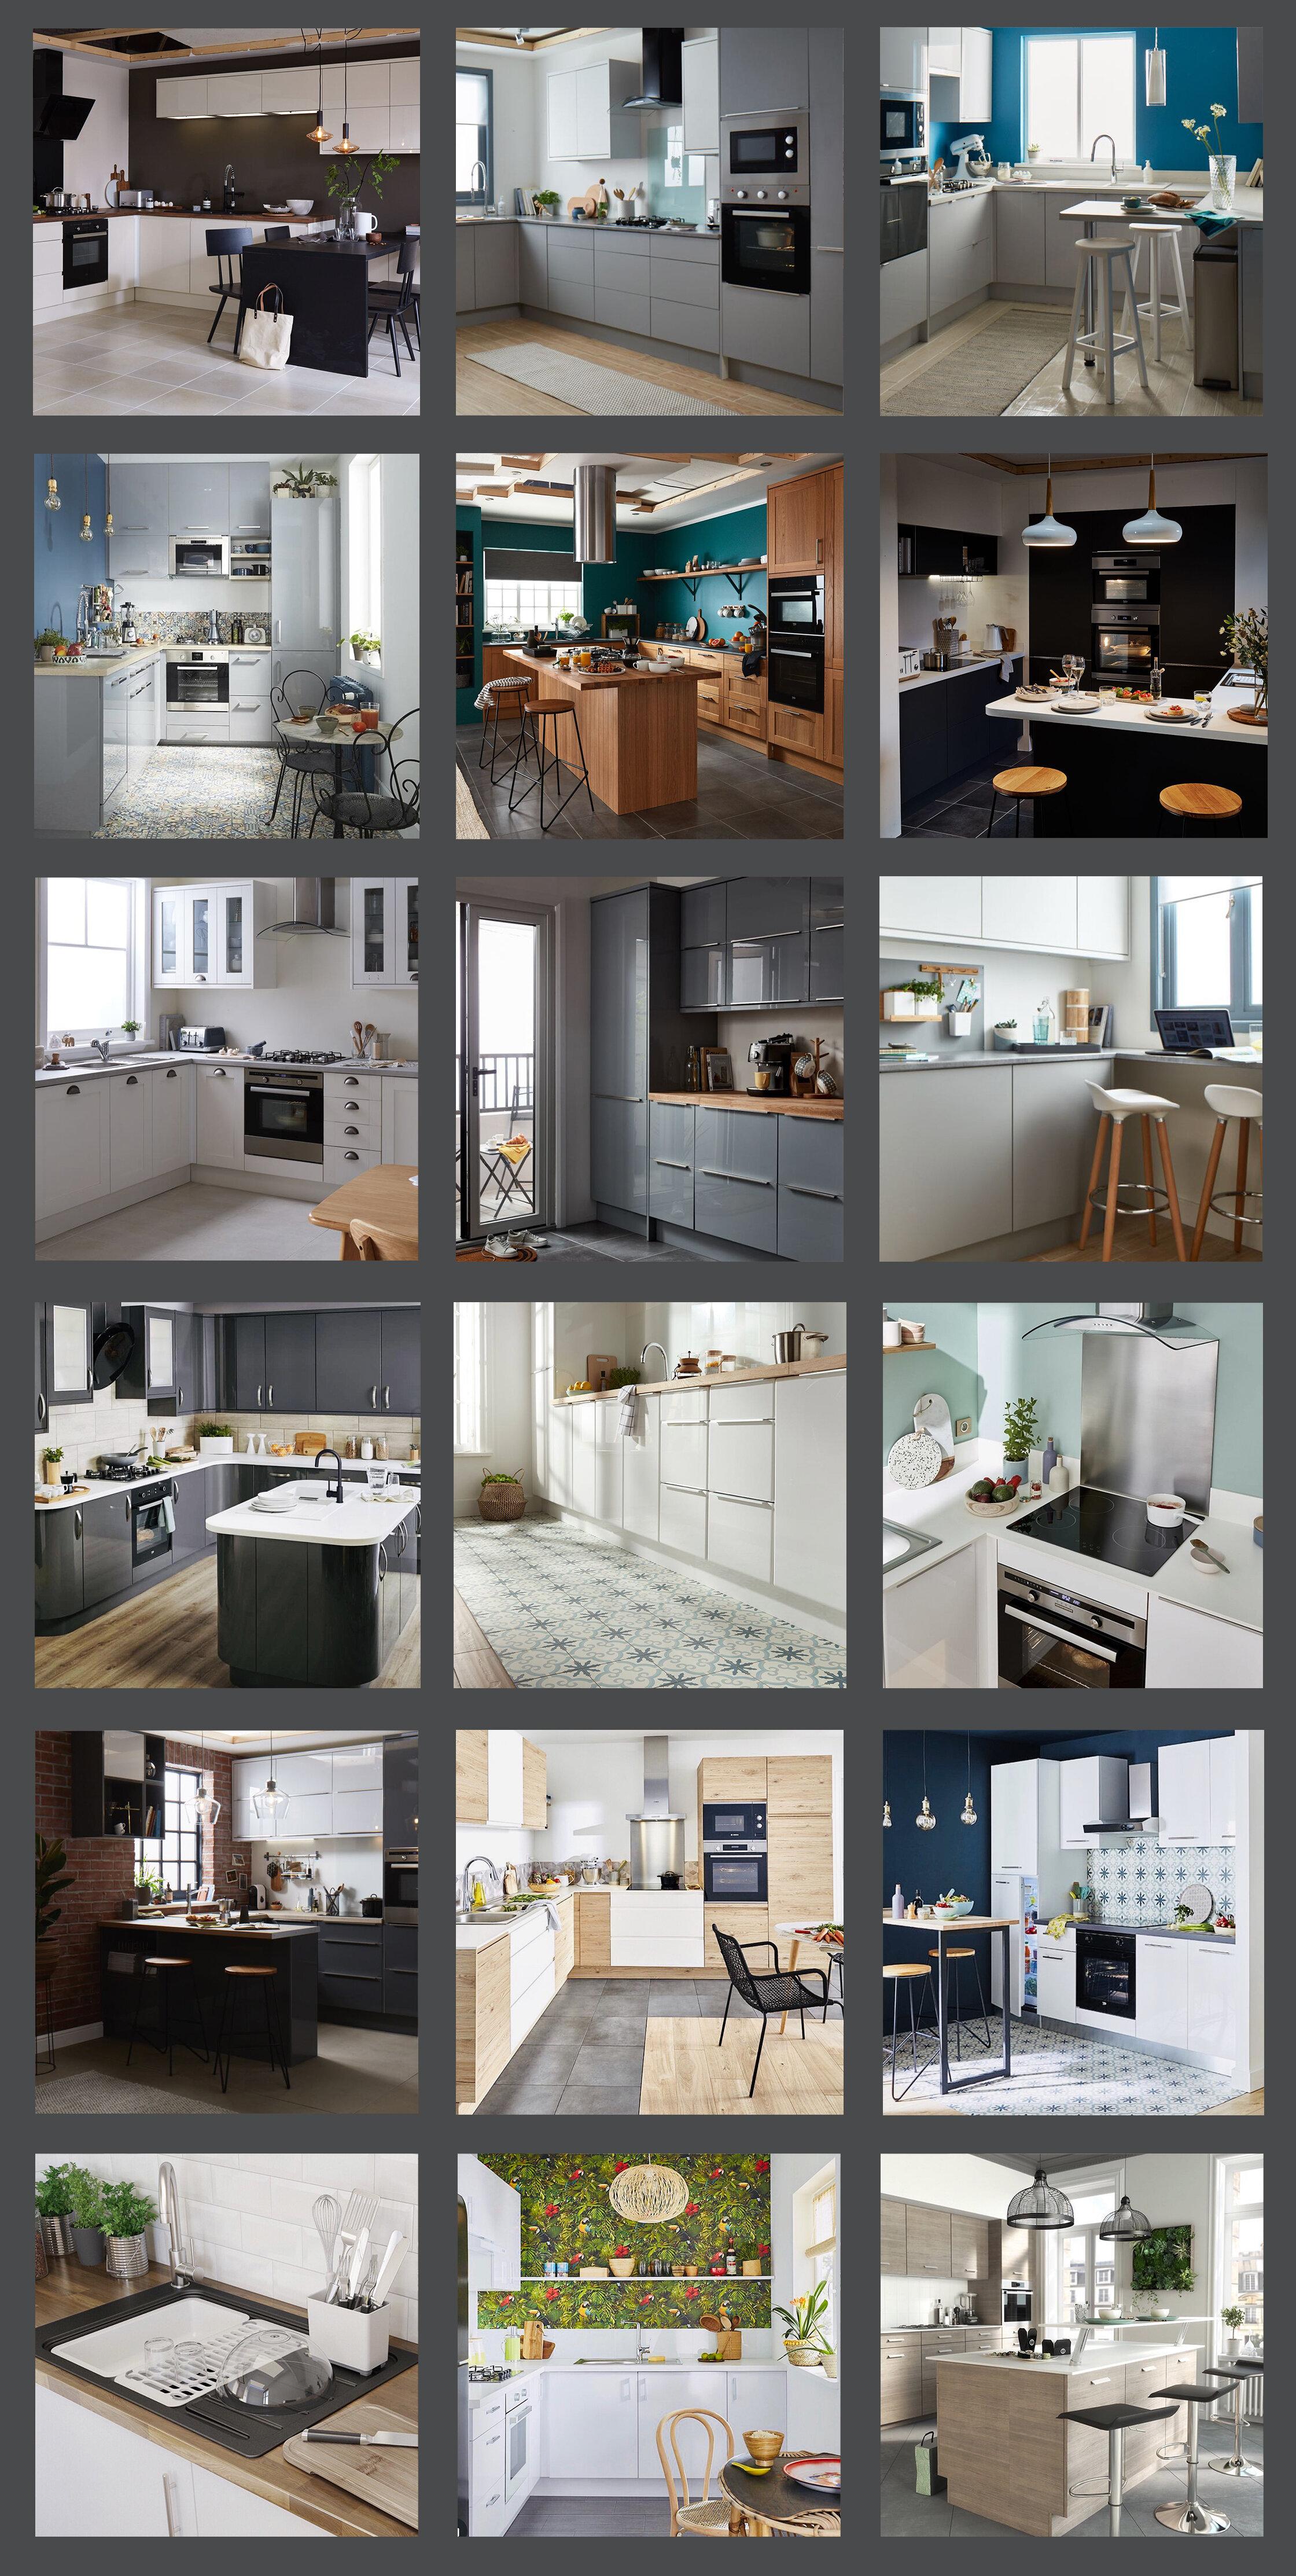 kingfisher_kitchens_new.jpg